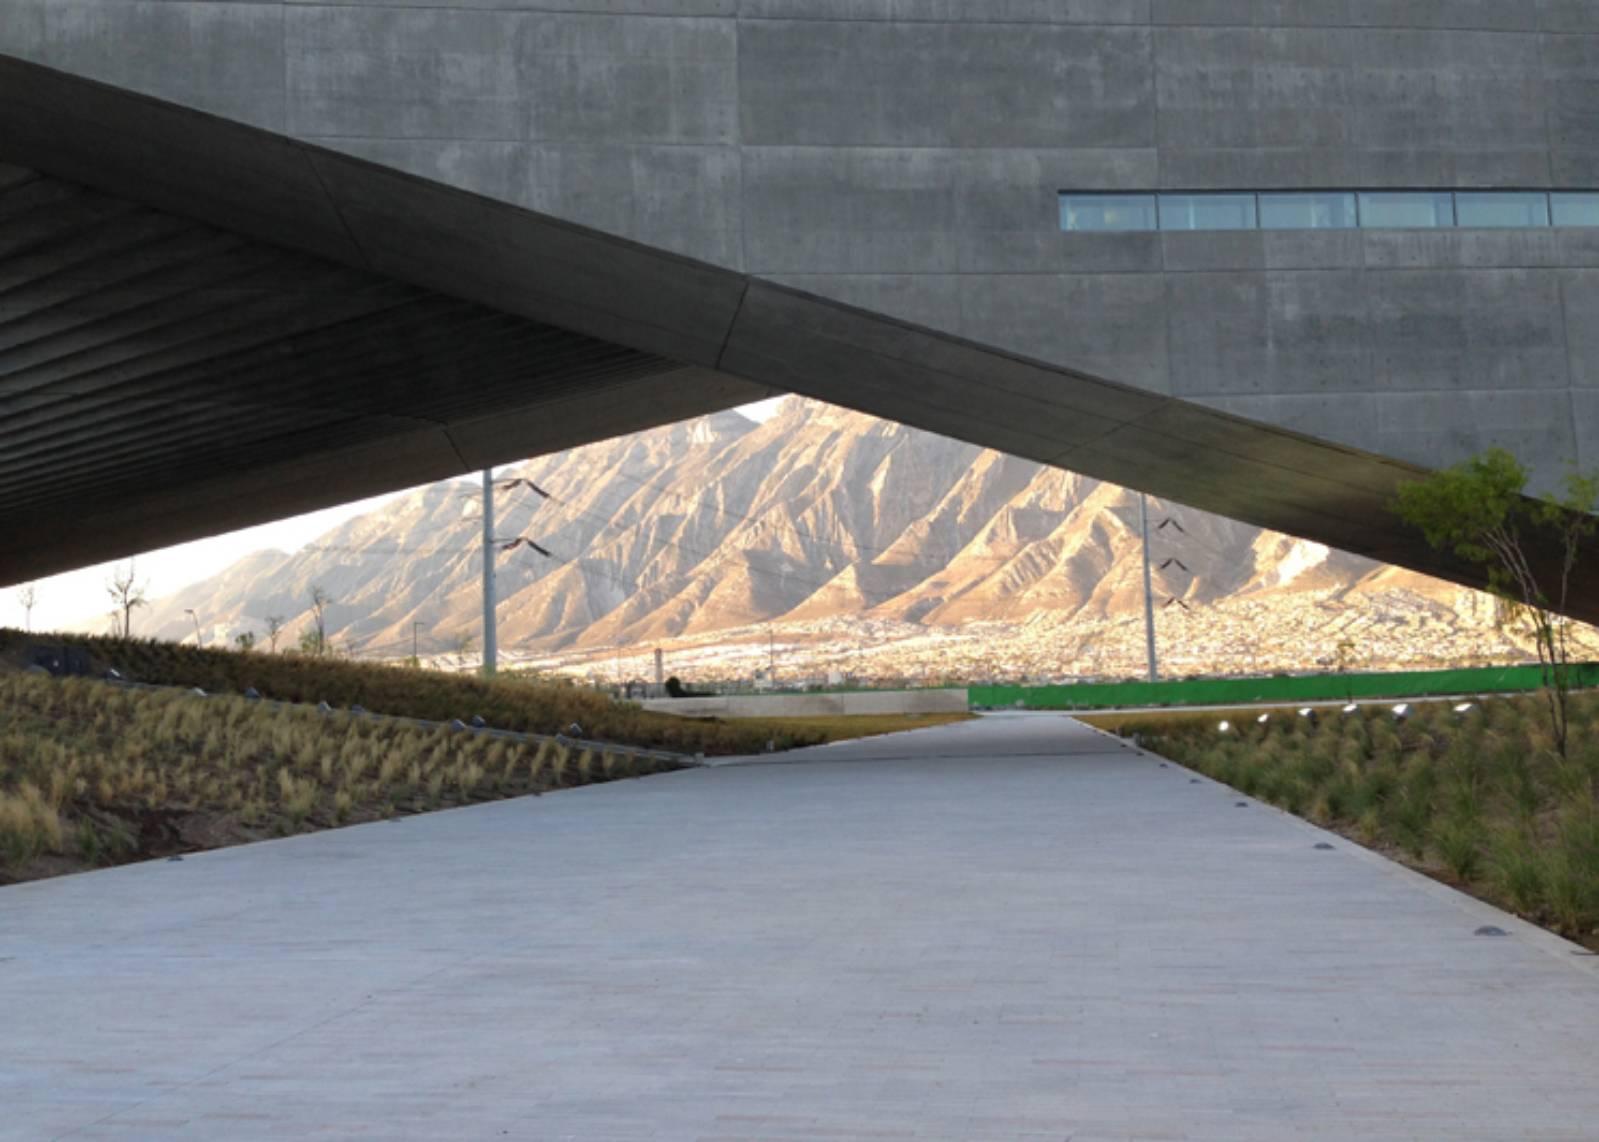 Architecture now and the future centro roberto garza sada for Architetto giapponese